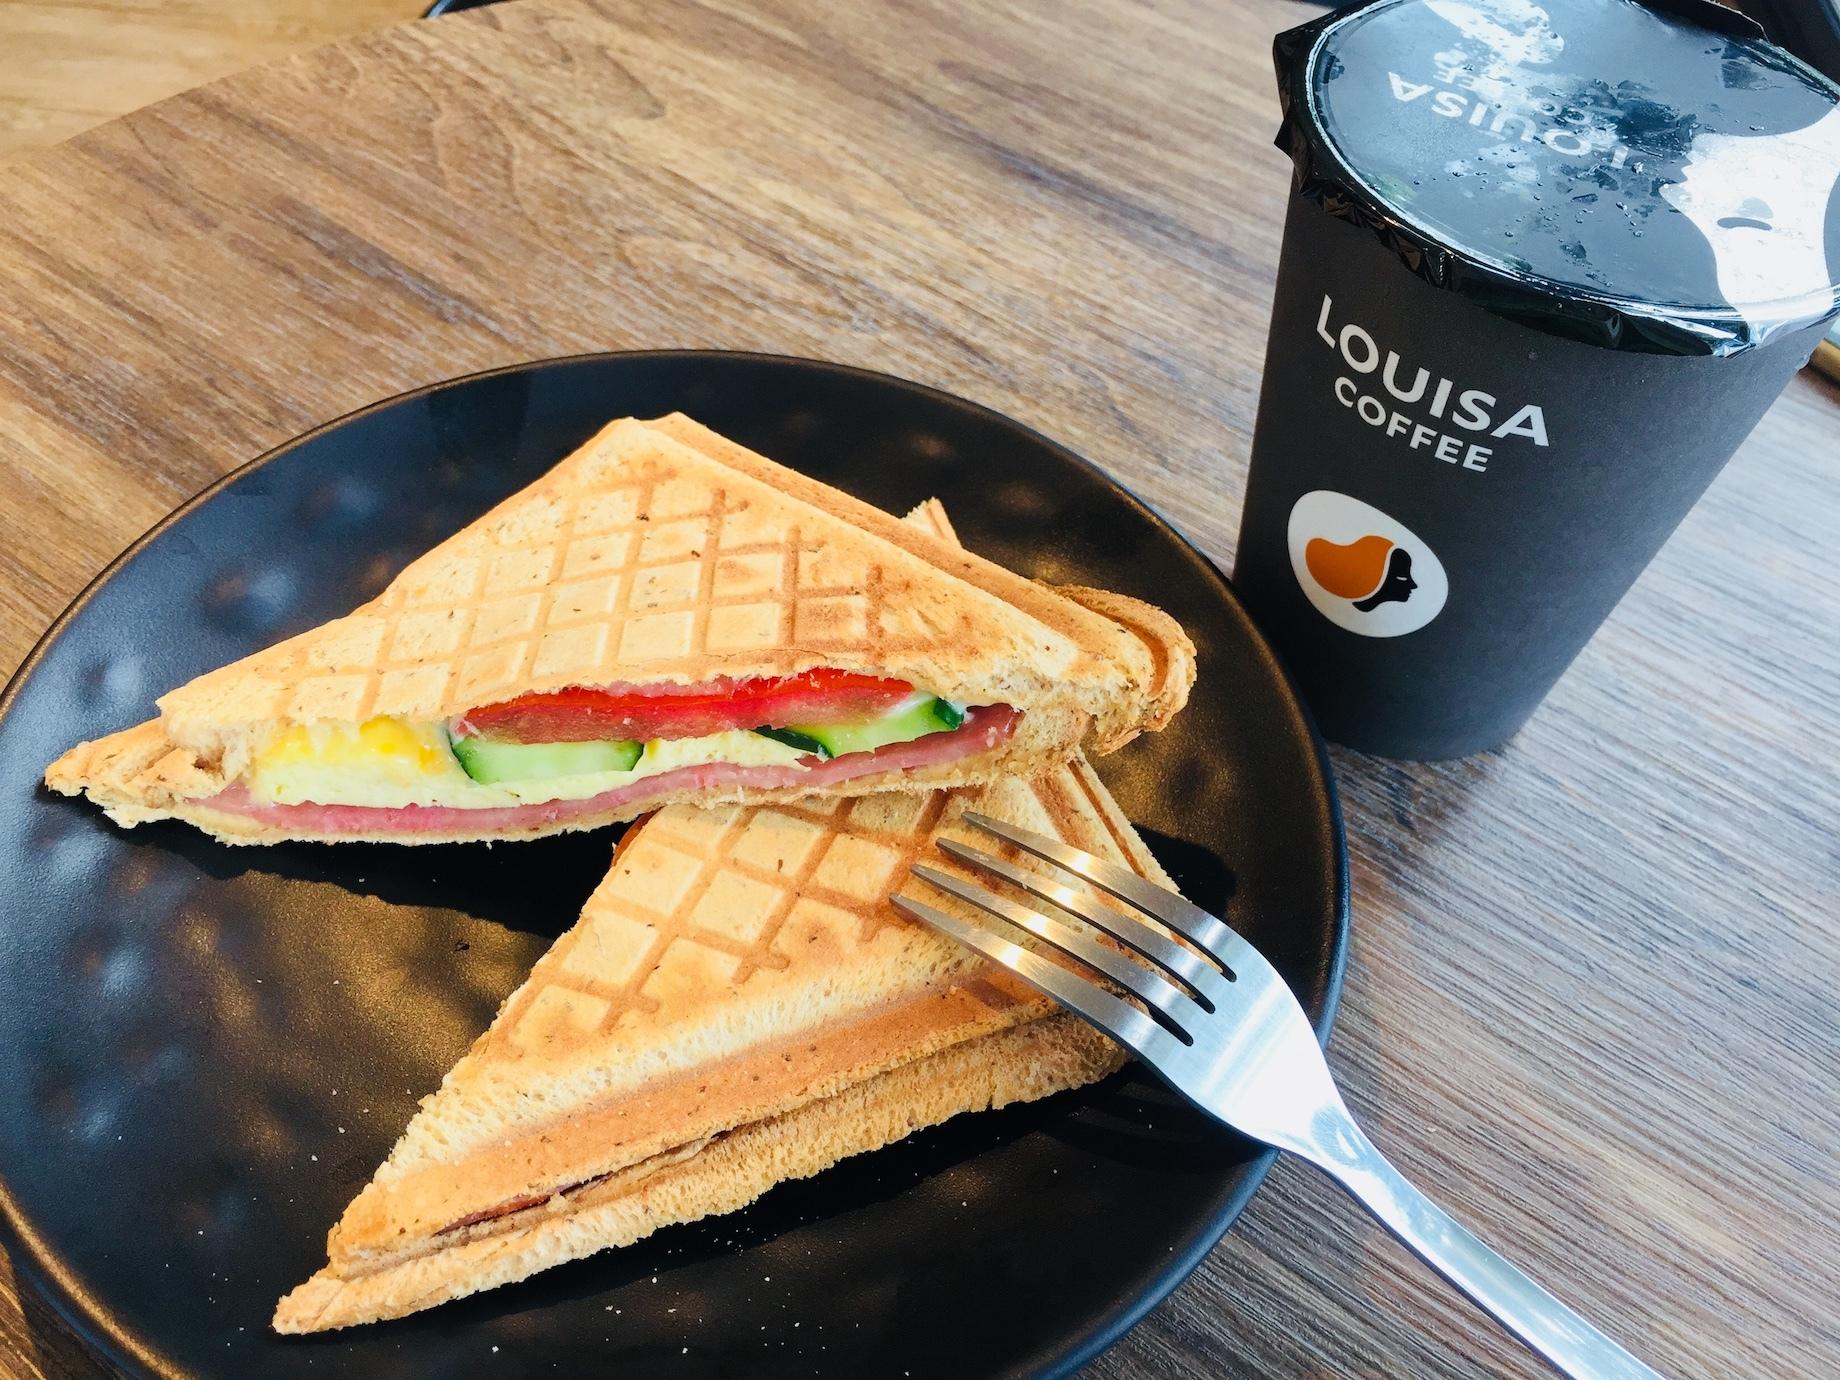 一塊蛋糕改變供應鏈,路易莎咖啡走向國際之路